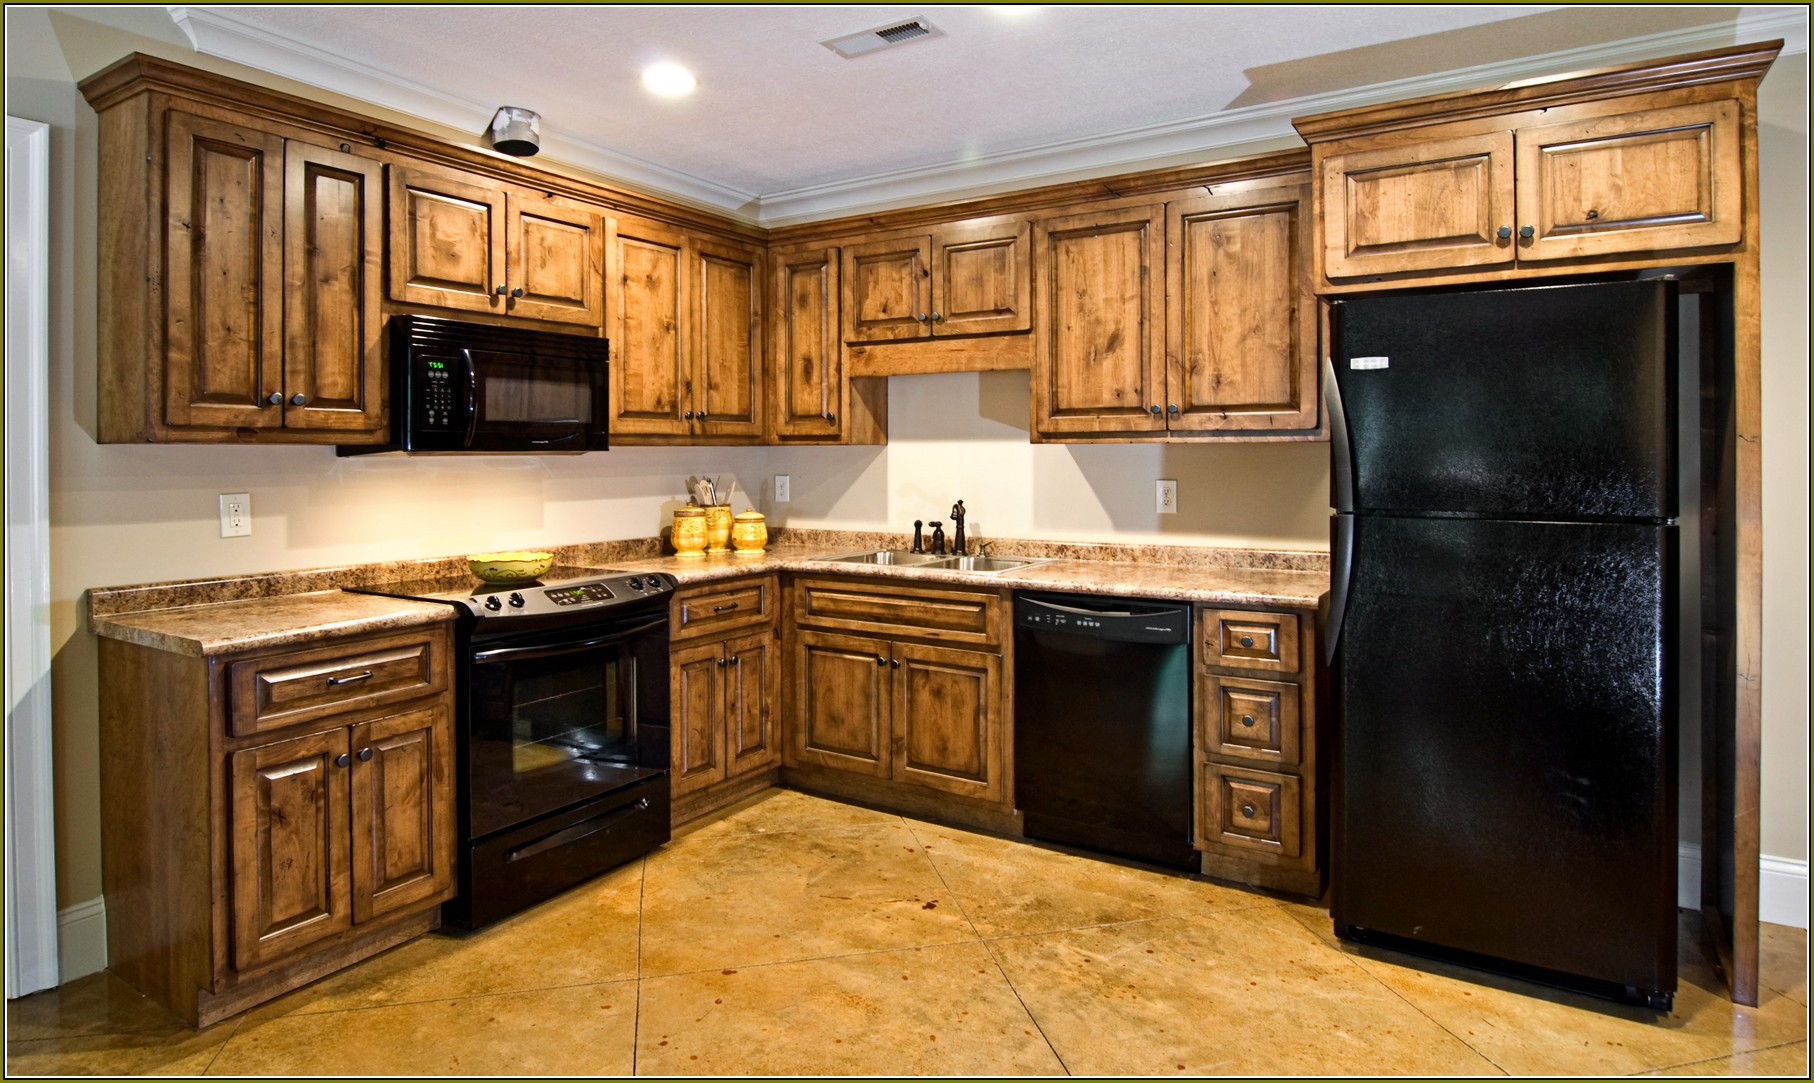 ... Kitchen Cabinets Knotty Alder